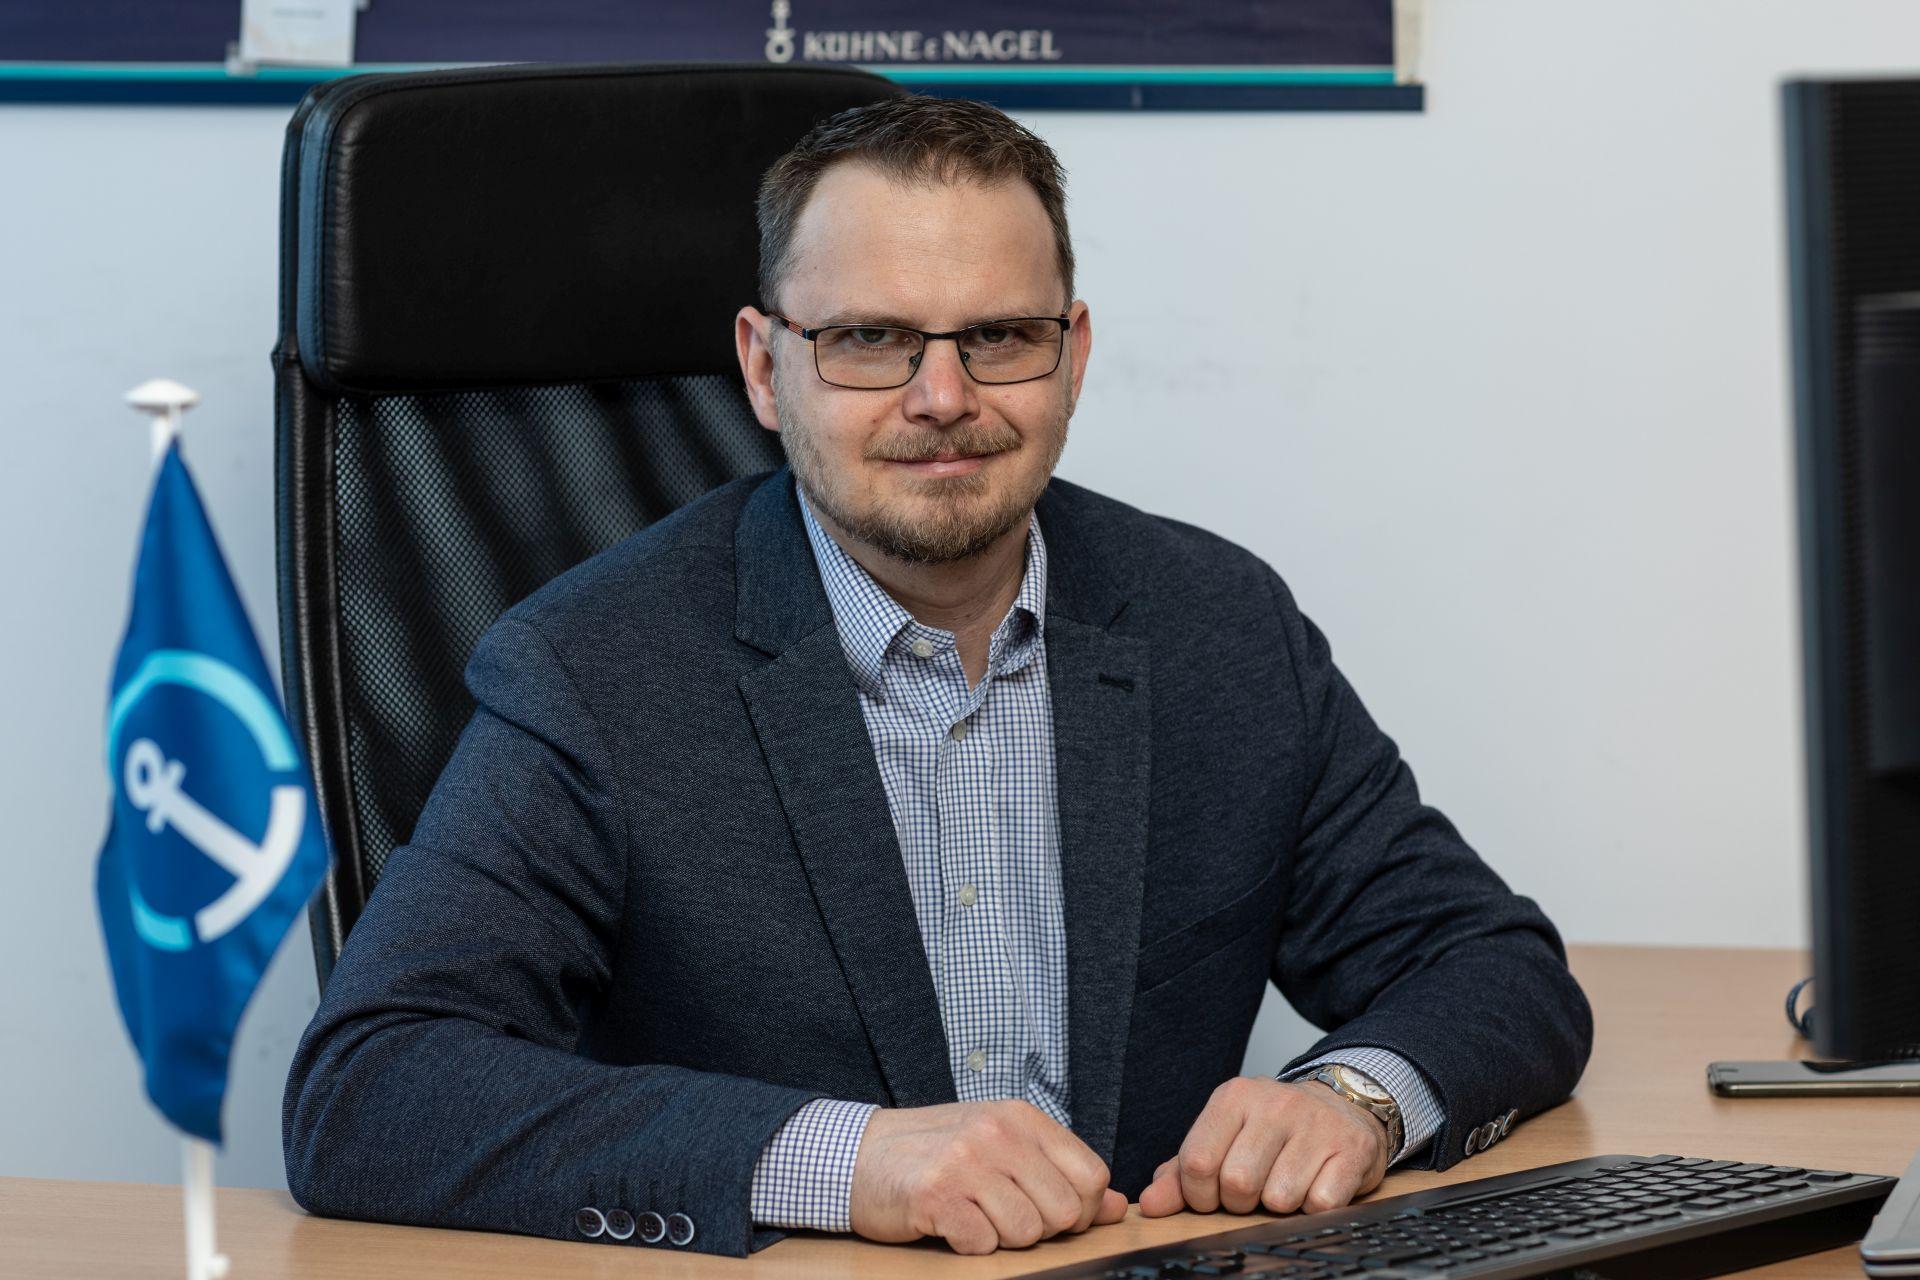 Pekár János, a Kühne + Nagel Magyarország beszerzési vezetője